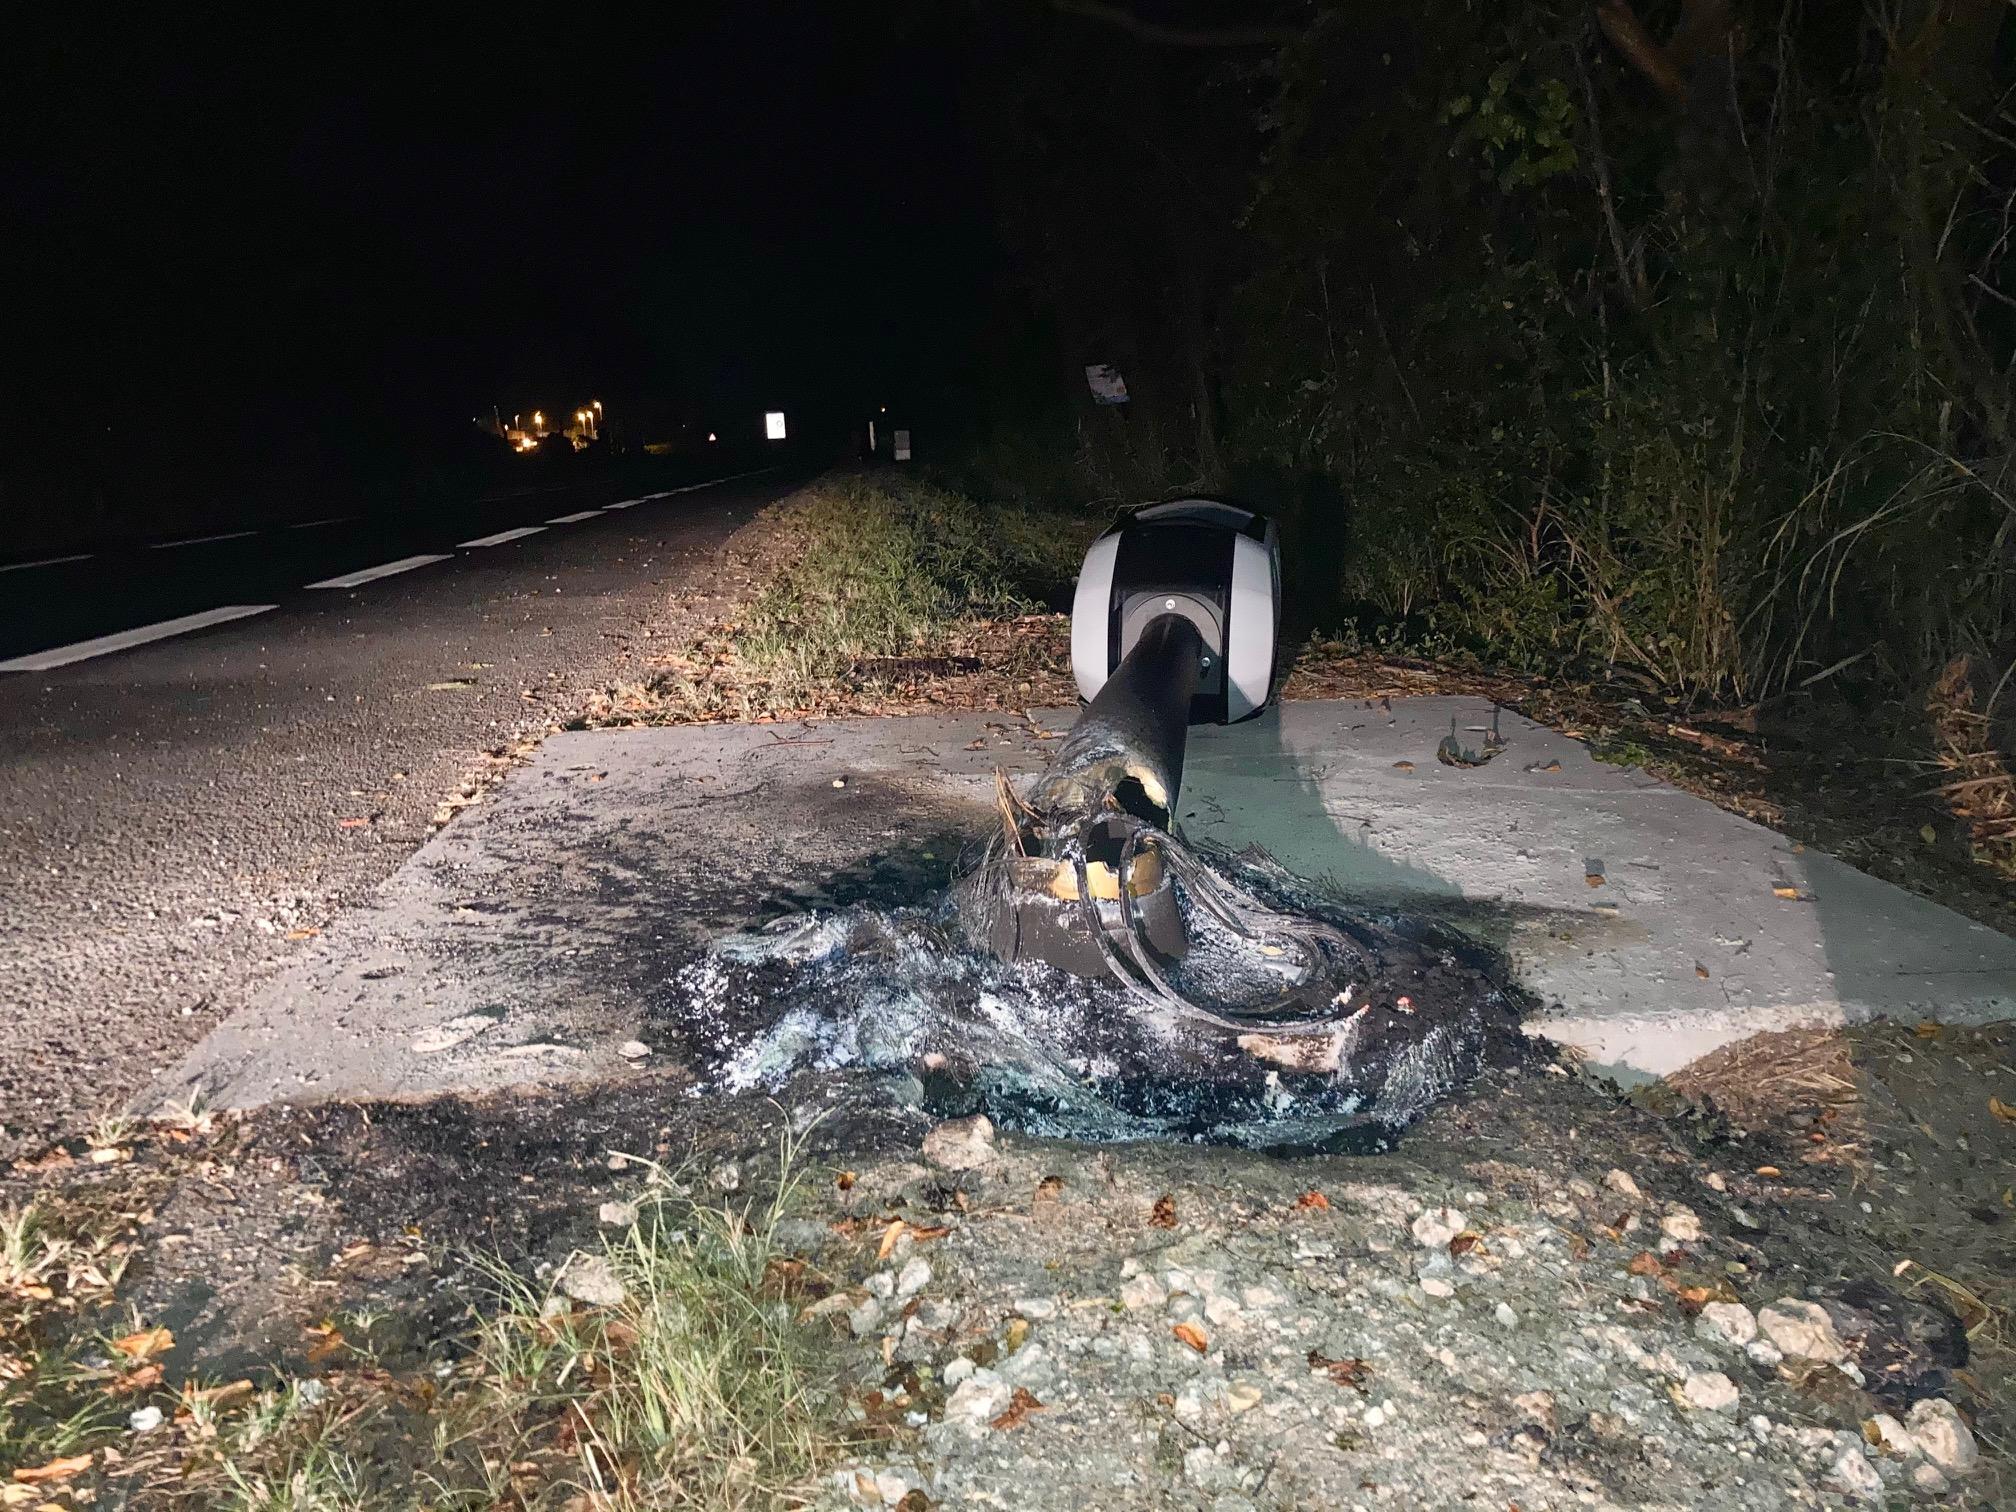 Installé jeudi, le radar tourelle de Morne-à-l'Eau a été incendié